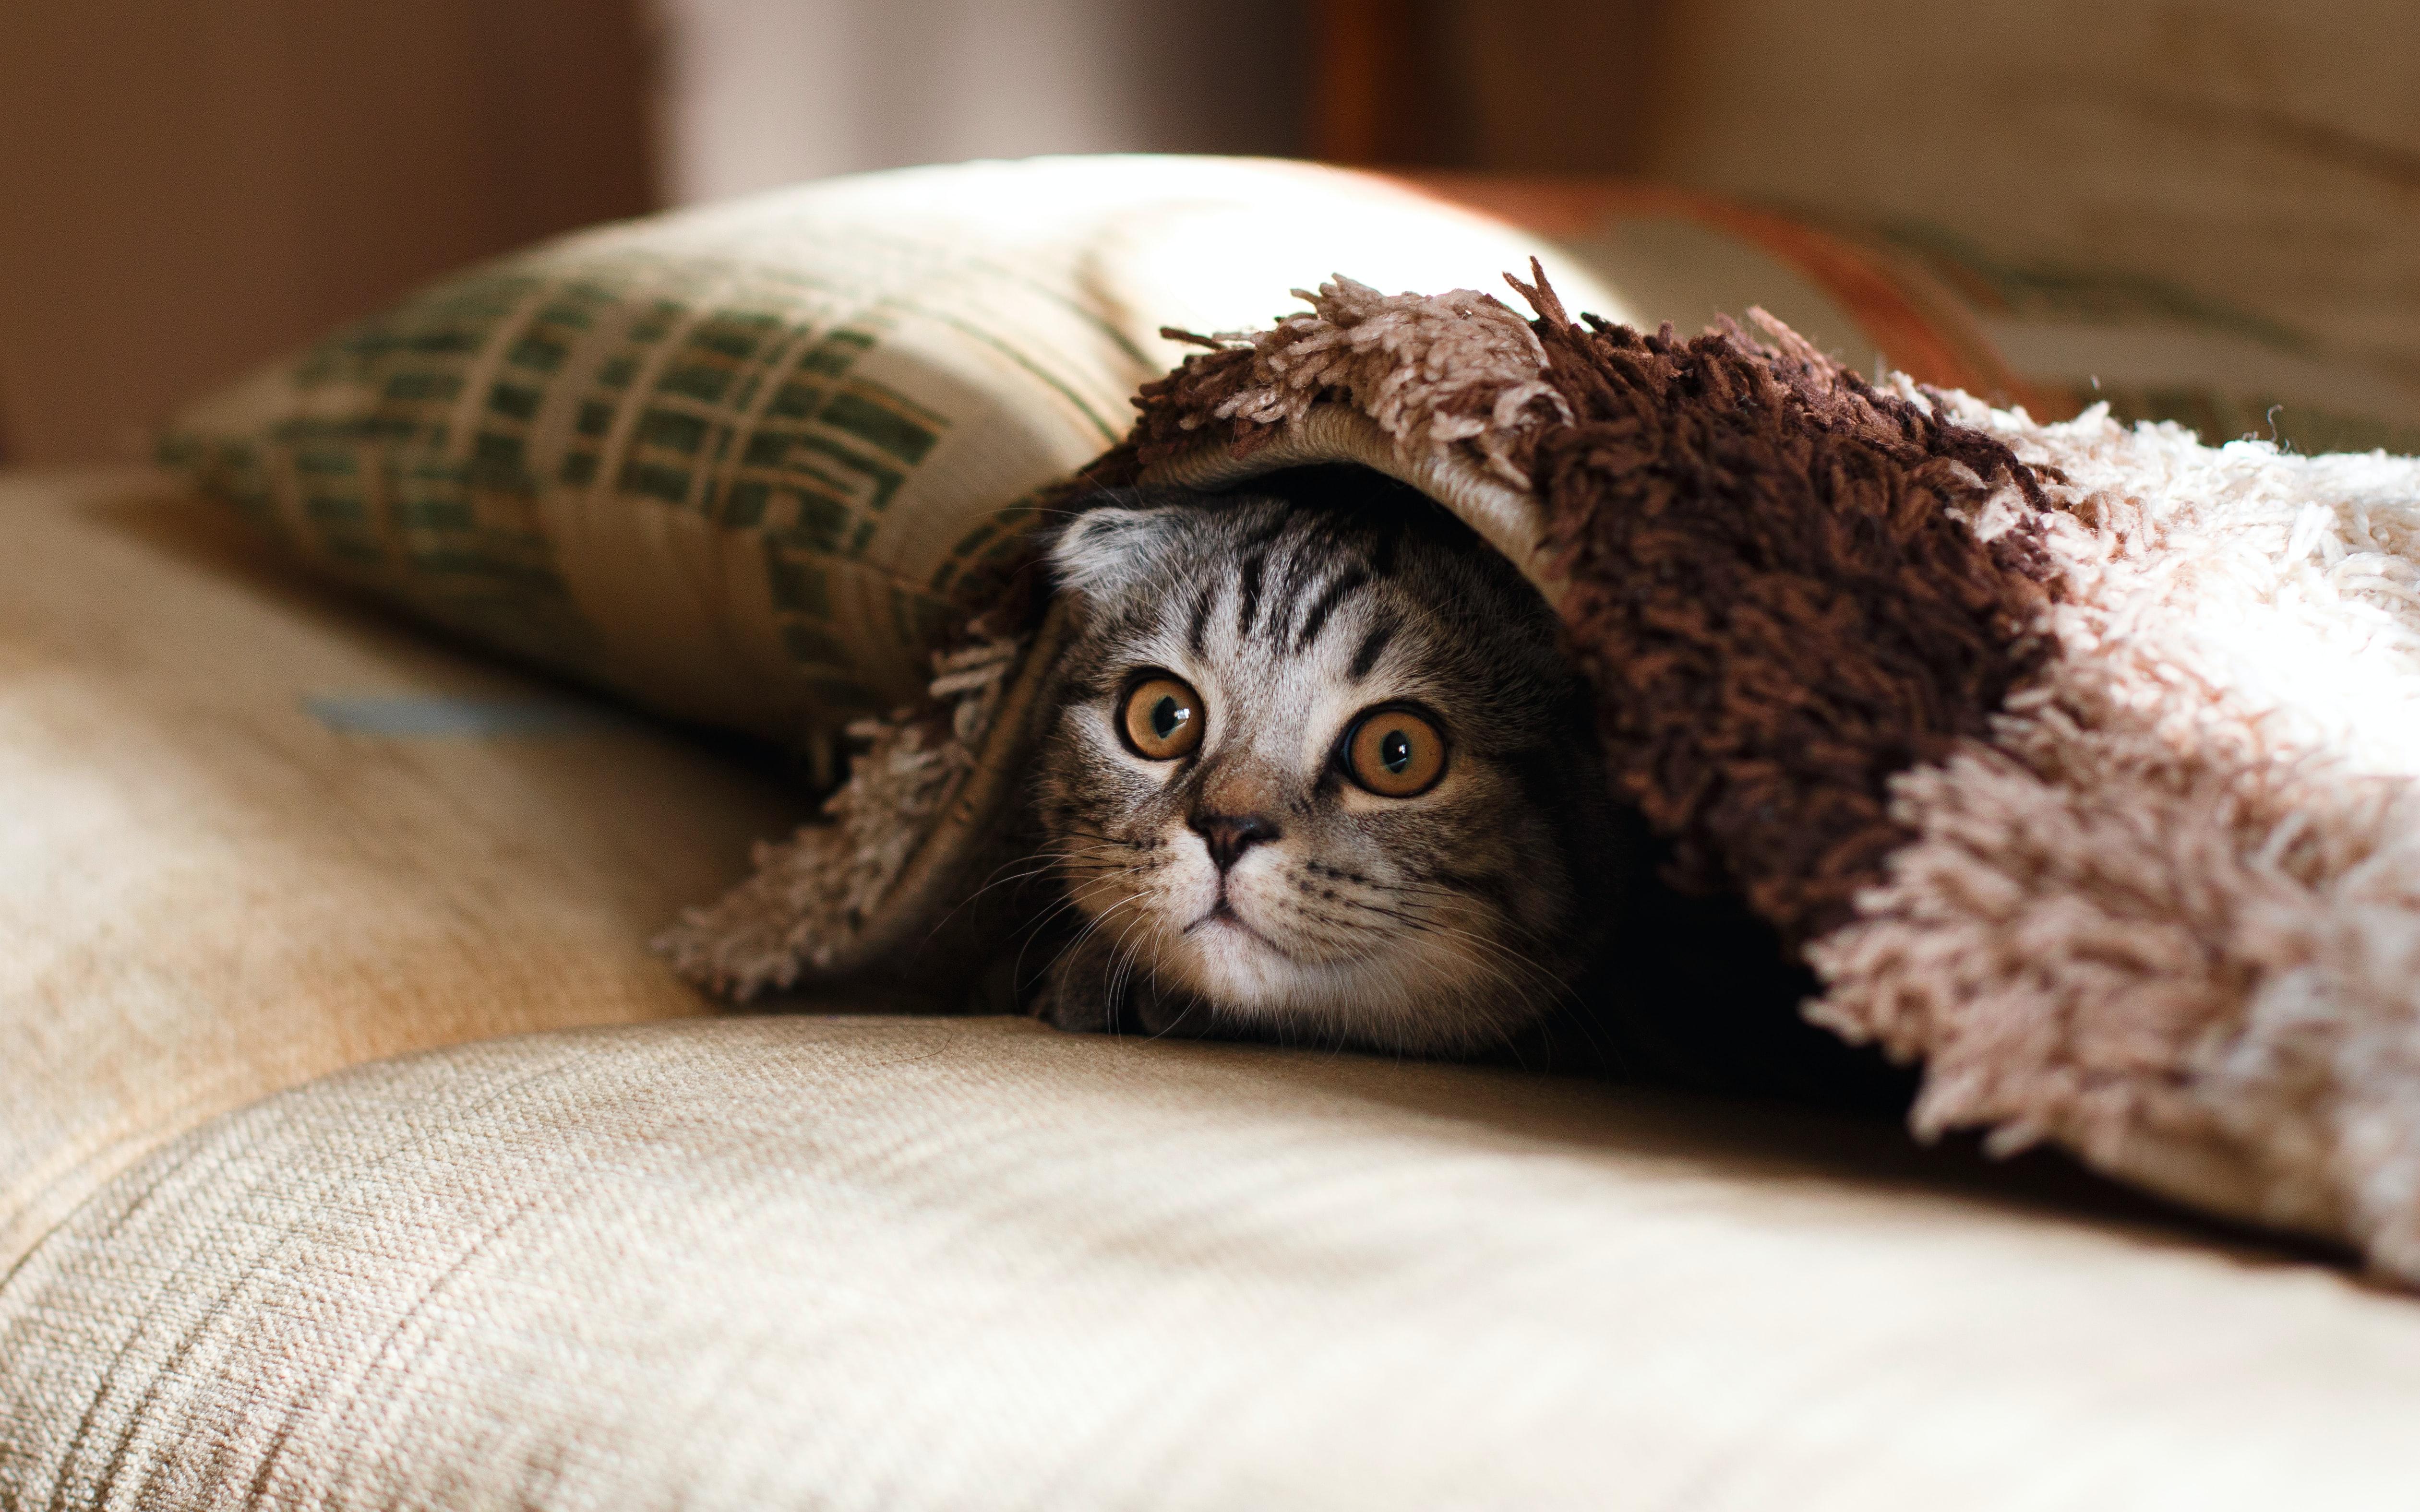 Pelíšek si kočka často vybírá sama, ráda se ale schová před světem, proto jsou vhodné boudičky, které poskytnou dostatek soukromí. Postačí ale i obyčejná deka.